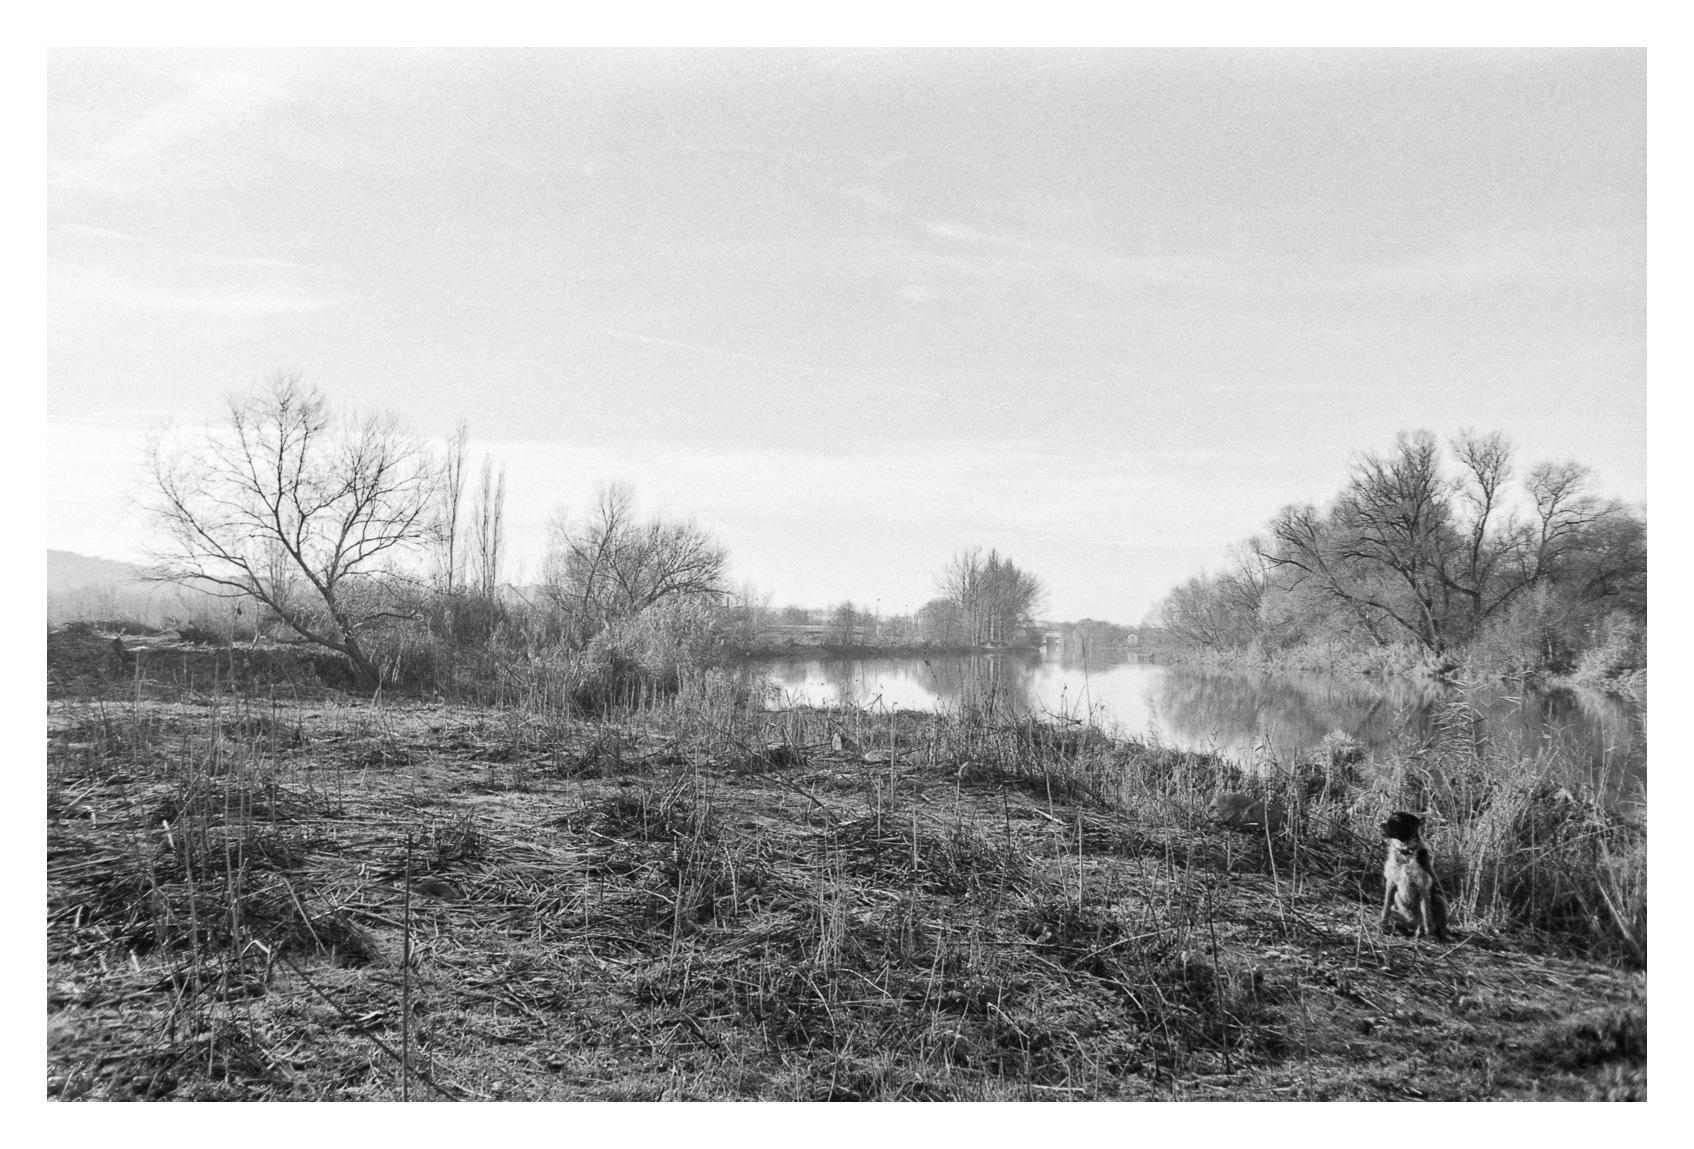 At the river... by Attila Farkas